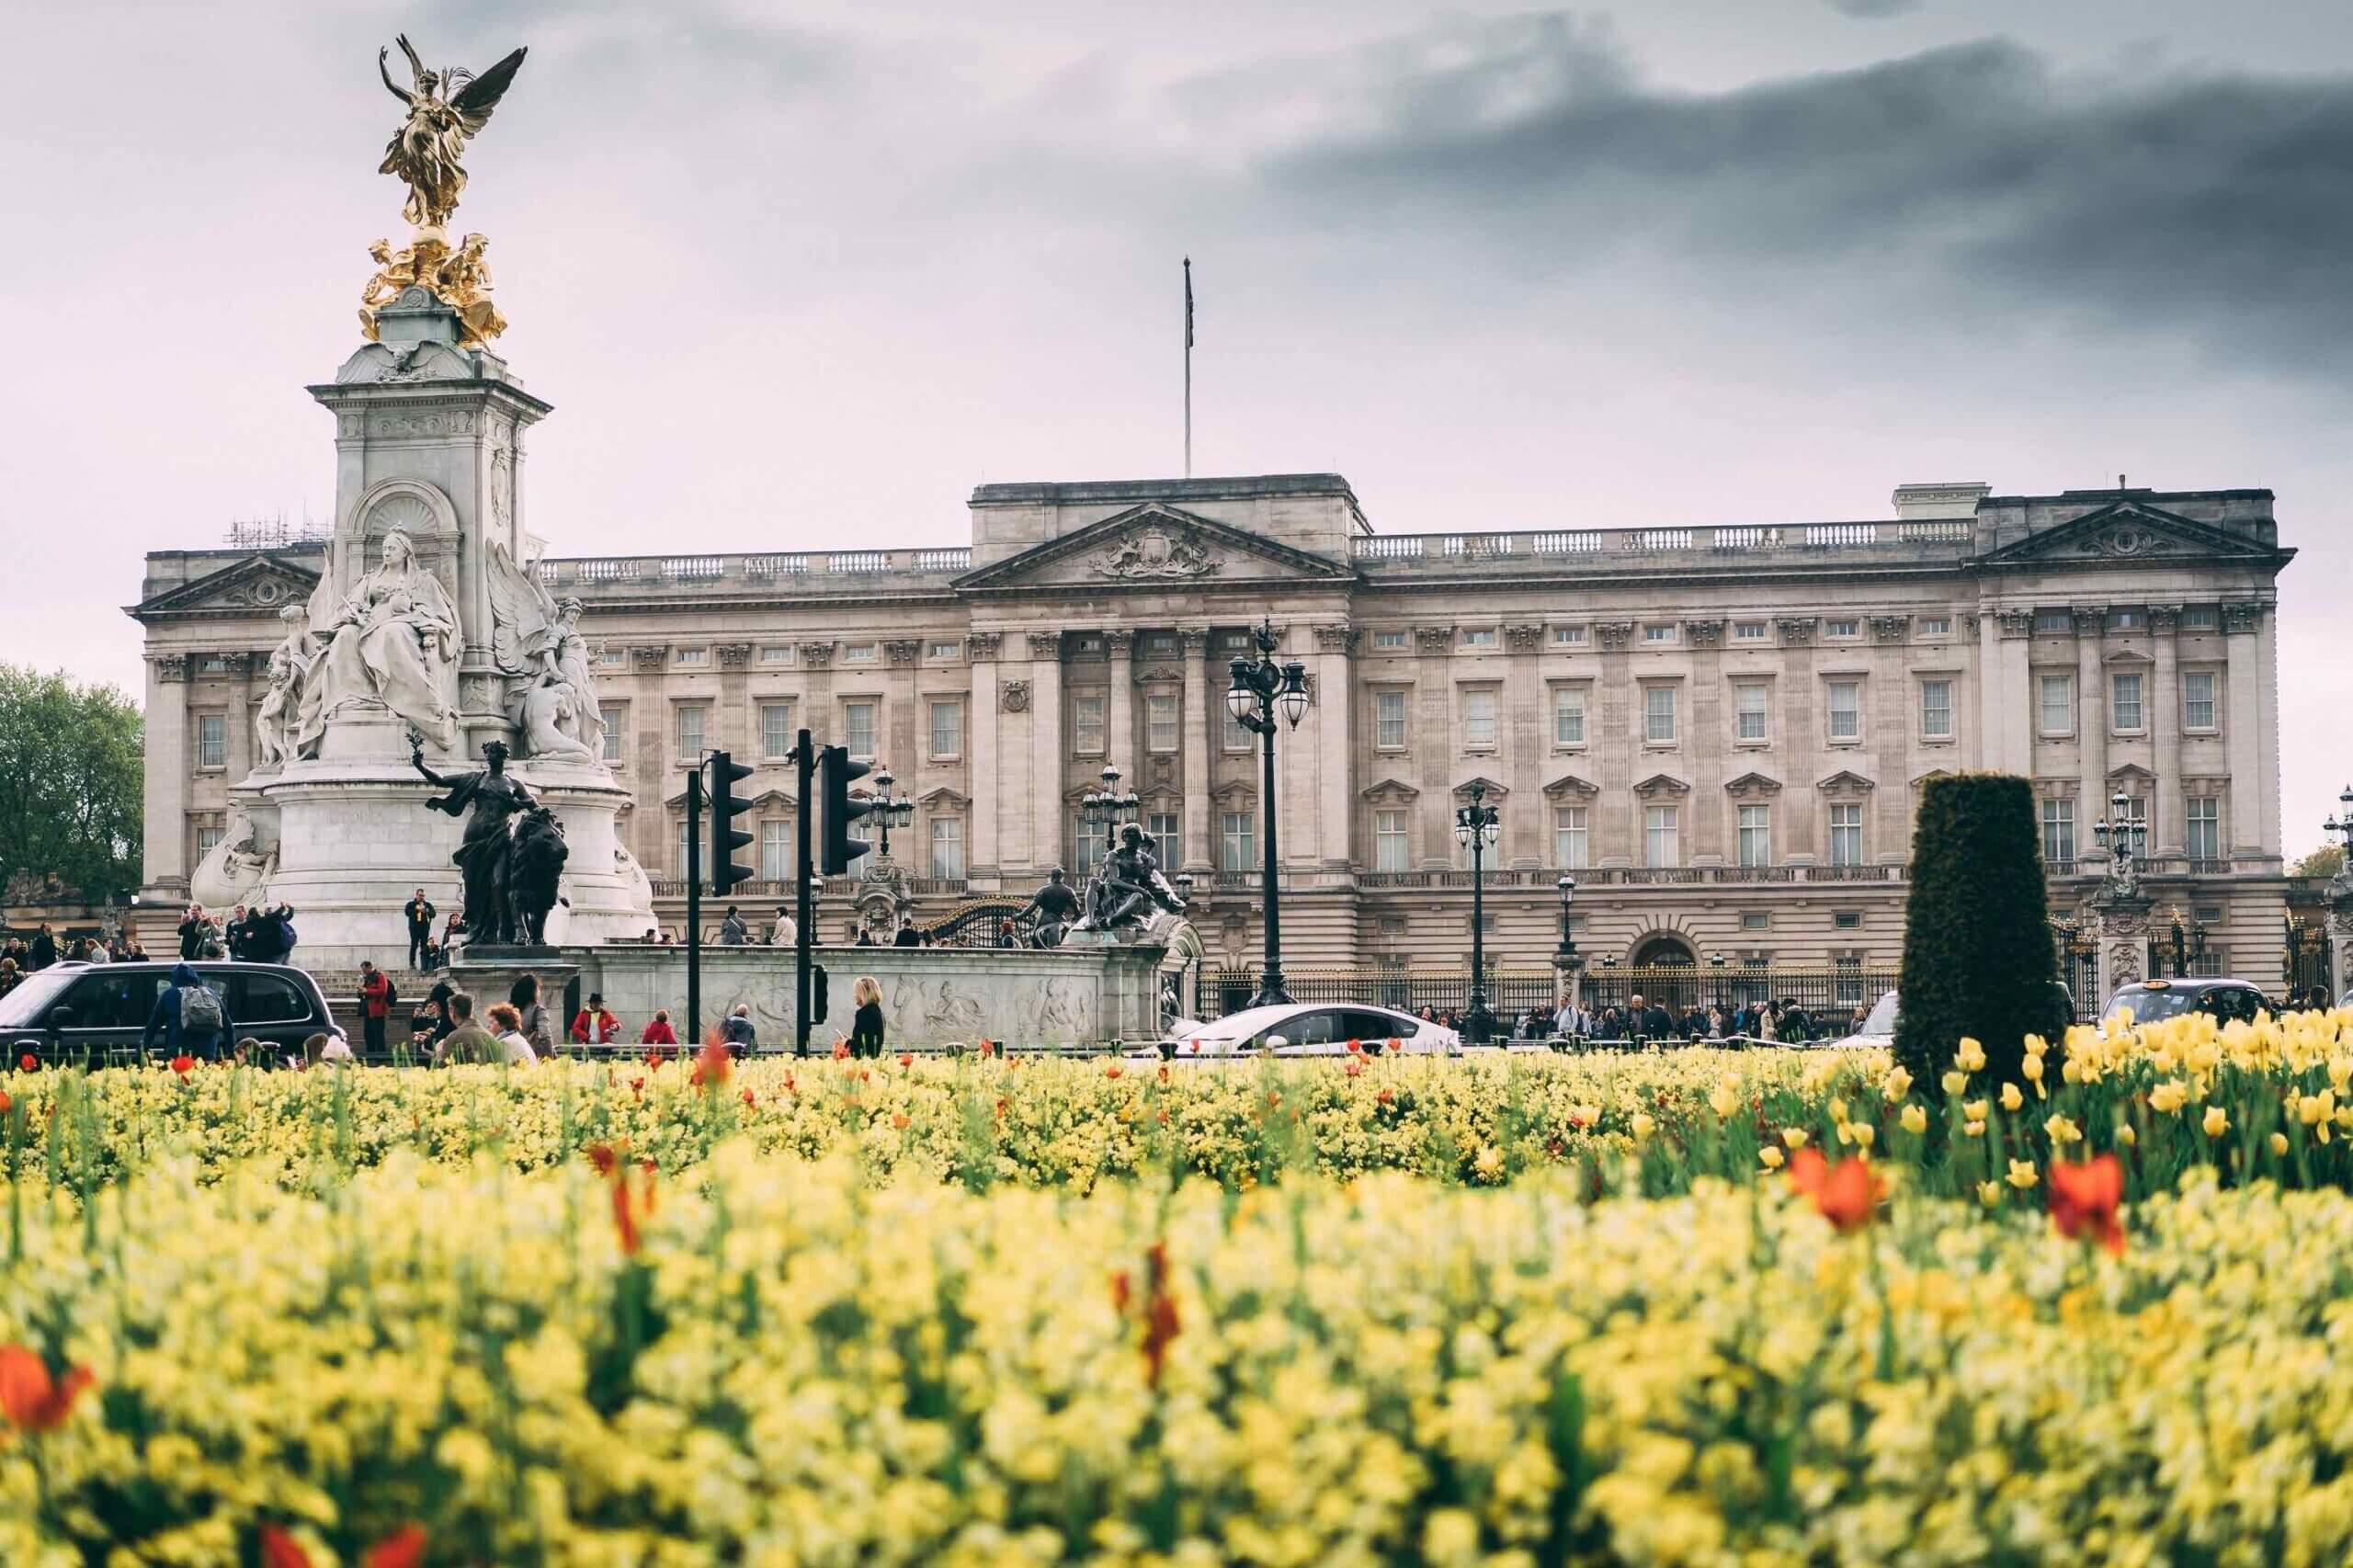 زيارة قصر باكنغهام: أشياء يجب رؤيتها والقيام بها